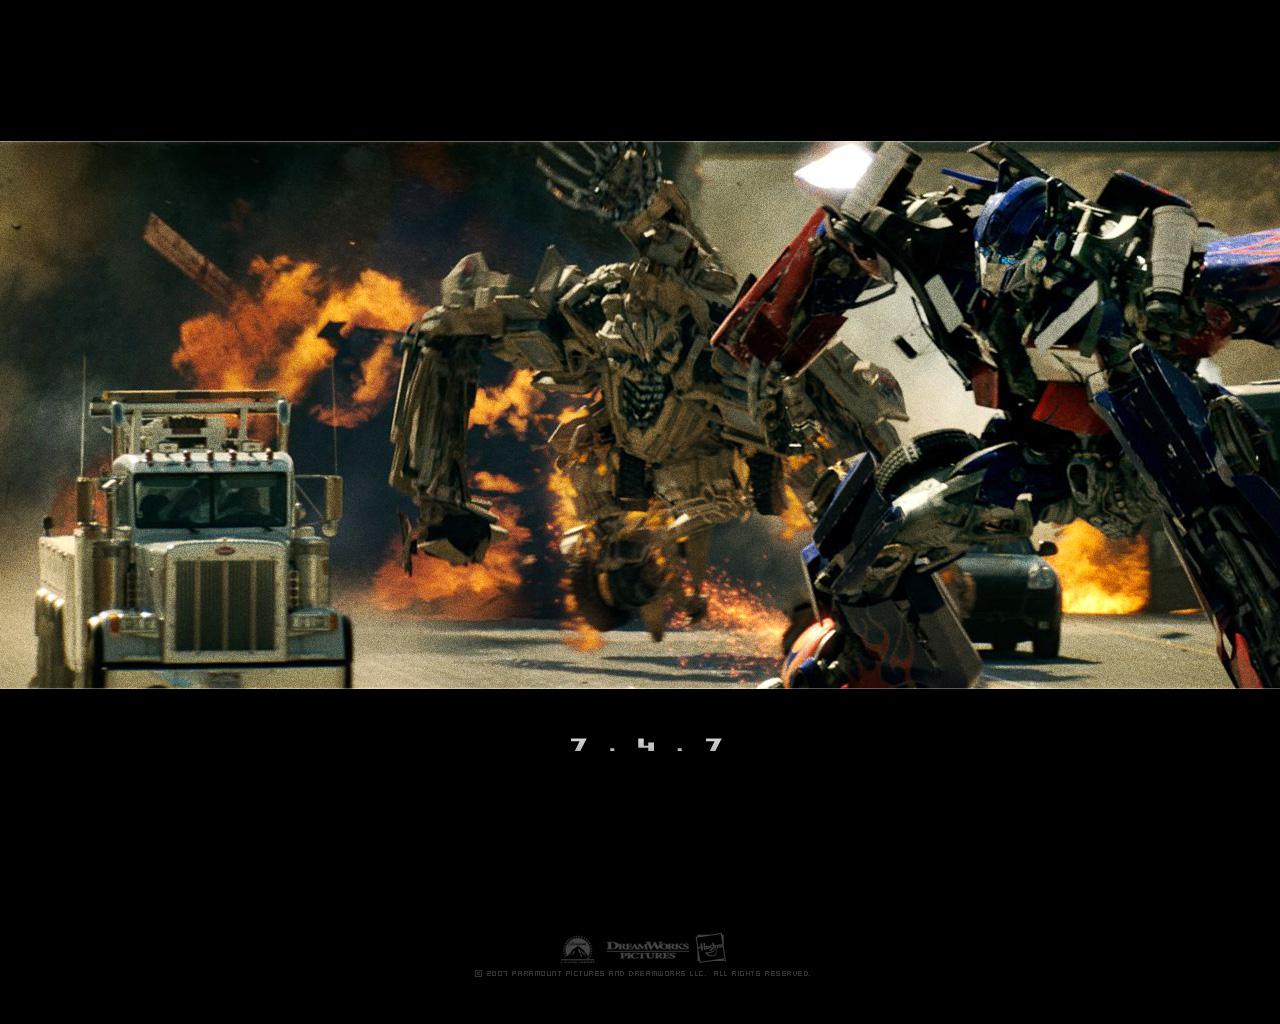 http://4.bp.blogspot.com/-Tb5ZiZjFjrM/UFIfiI1P4cI/AAAAAAAAB6Y/YmuX_q-xVQY/s1600/Transformers+Wallpaper+(4).jpg